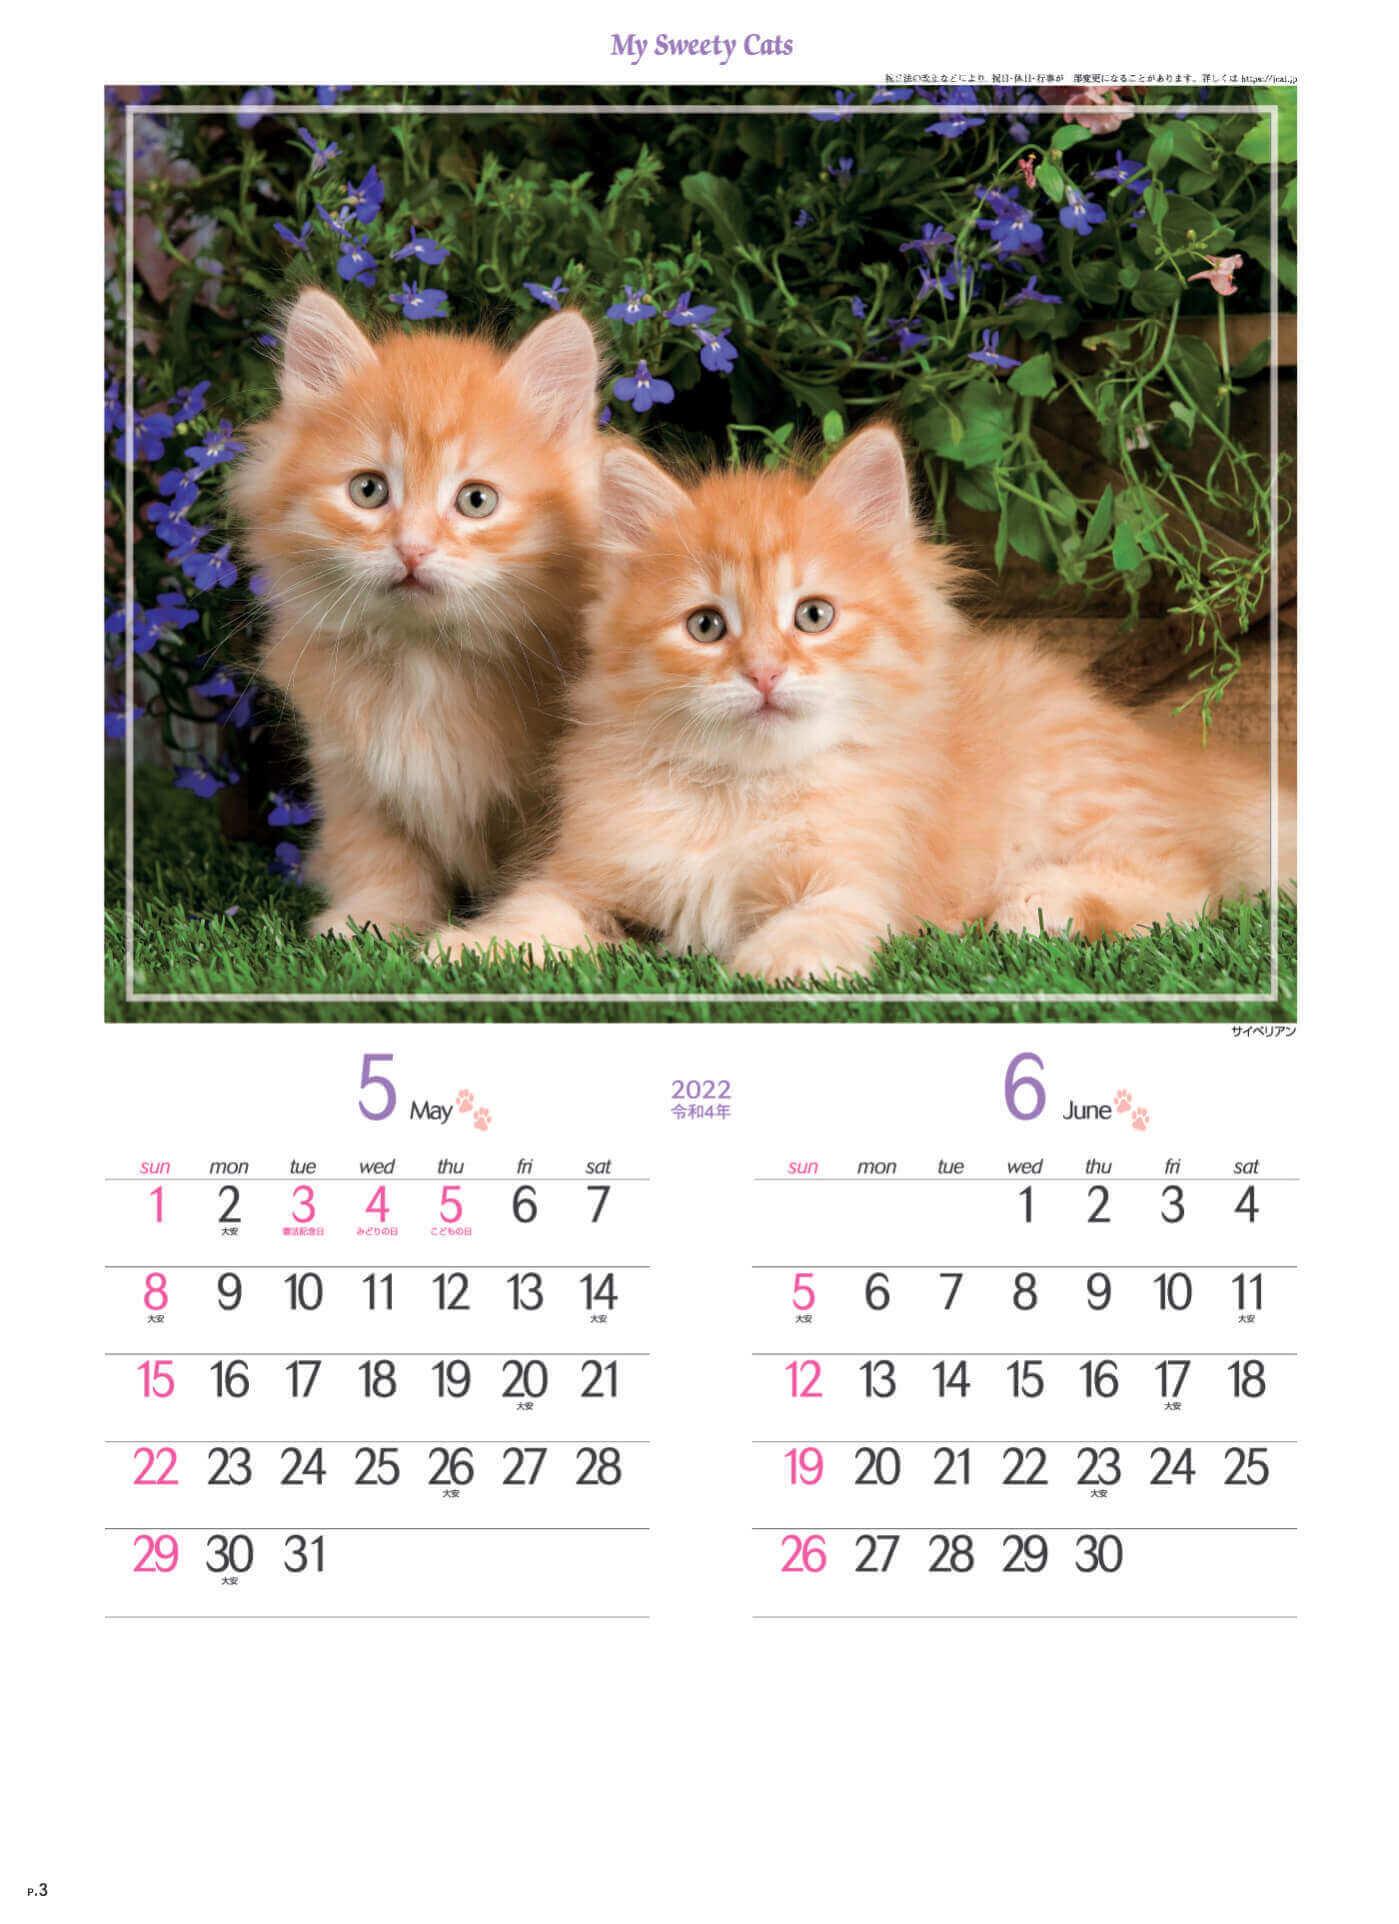 5-6月 サイベリアン マイスウィーティーキャット 2022年カレンダーの画像